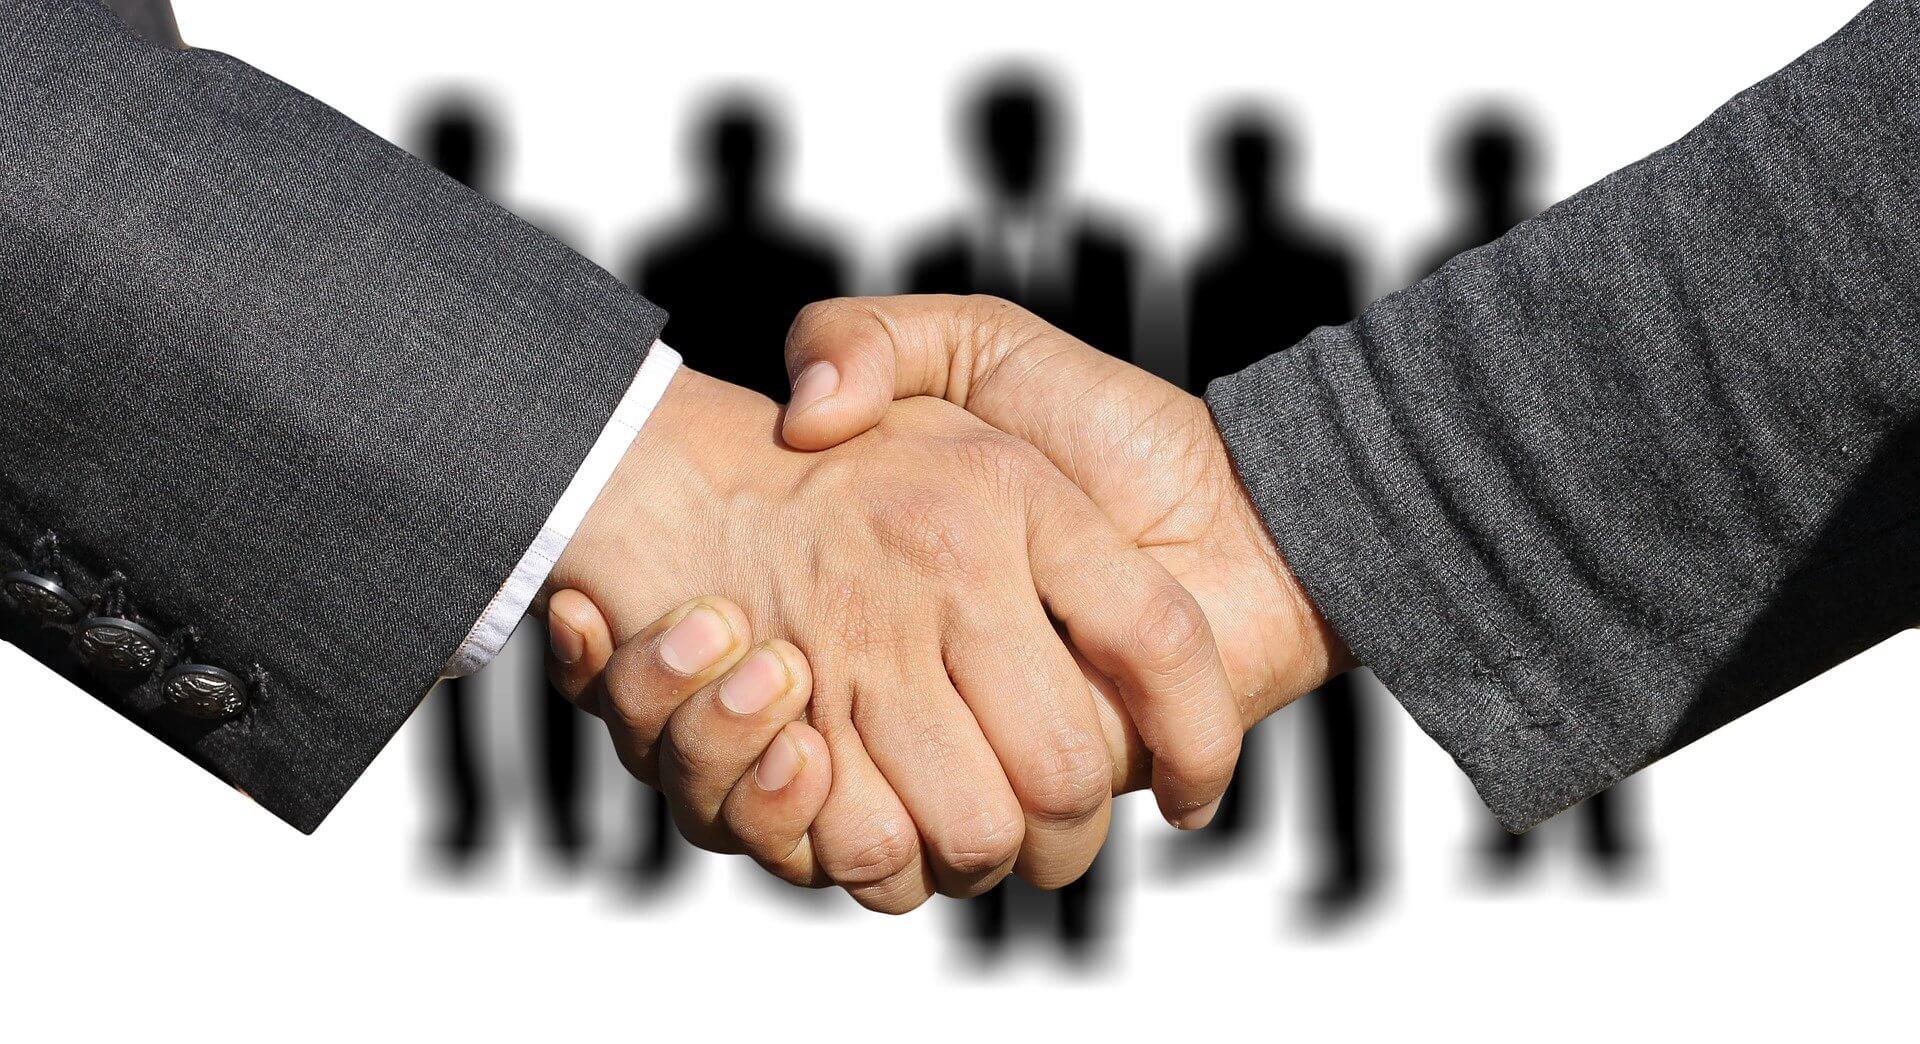 ゼネコン営業からの転職先。スキル経験を活かしてより良い会社に